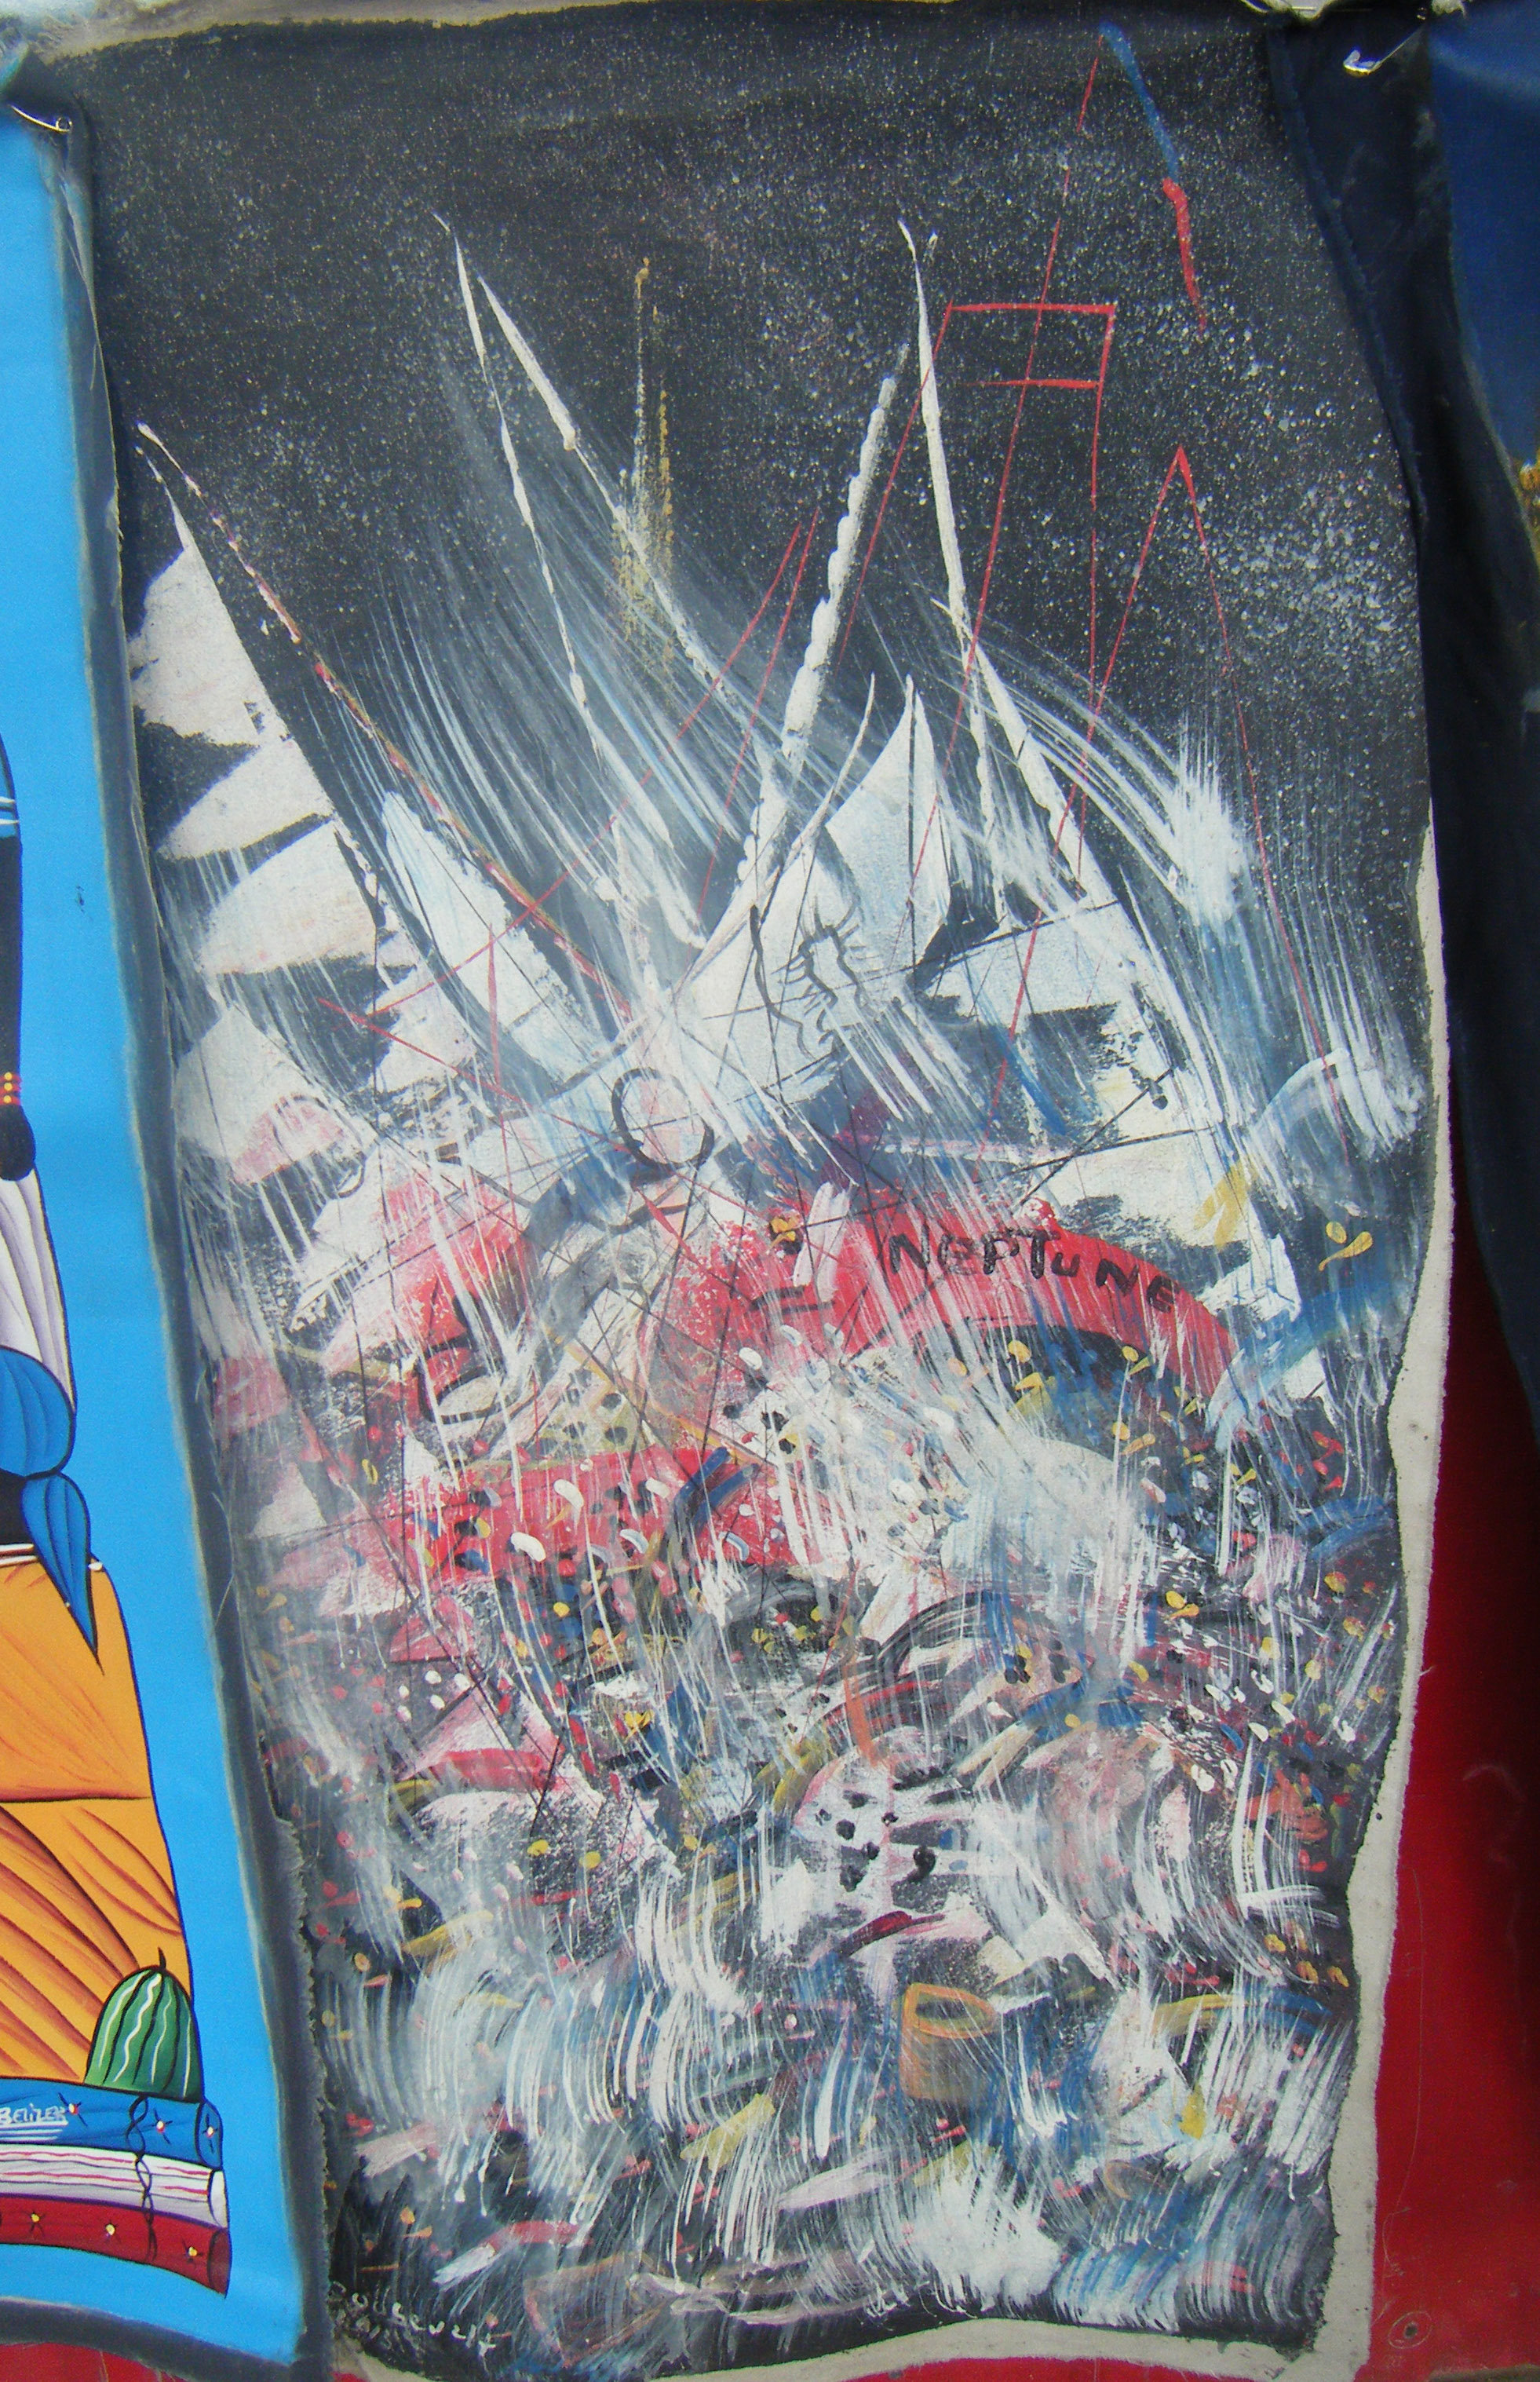 Schipbreuk van handgemaakte schilderij op doek ha tiaanse volkskunst eur veiling - Mandje doek doek ...